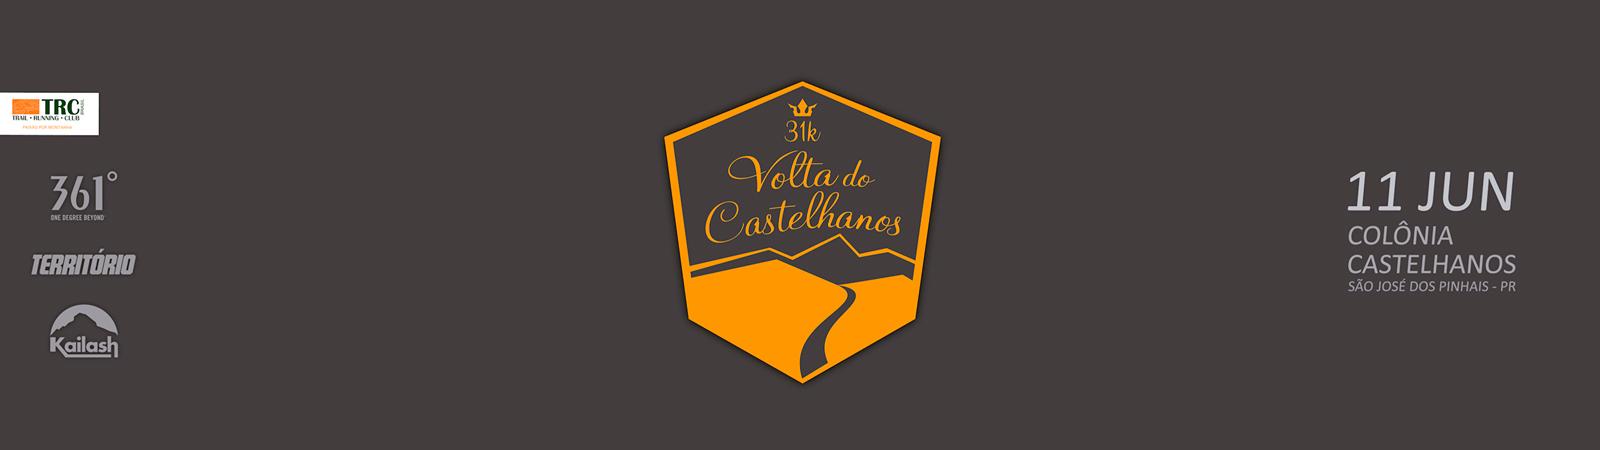 VOLTA DO CASTELHANOS - Imagem de topo